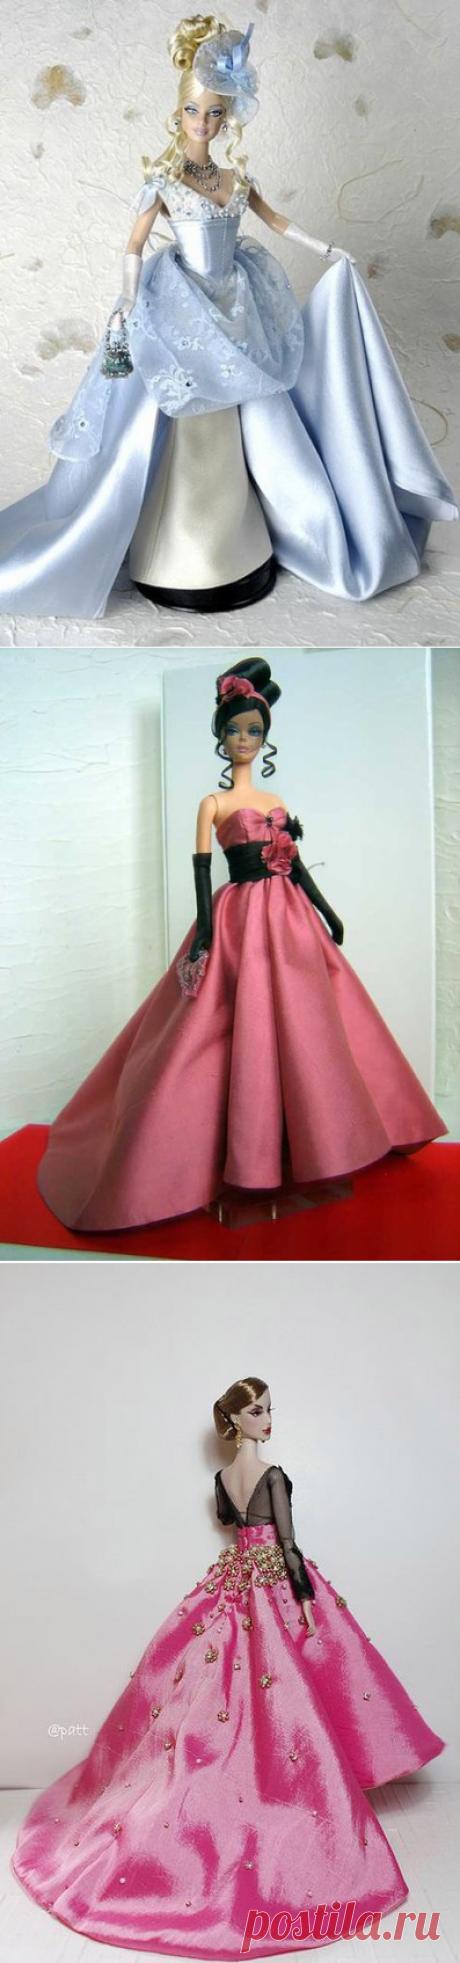 Платья для Барби. Идеи / Необычные поделки